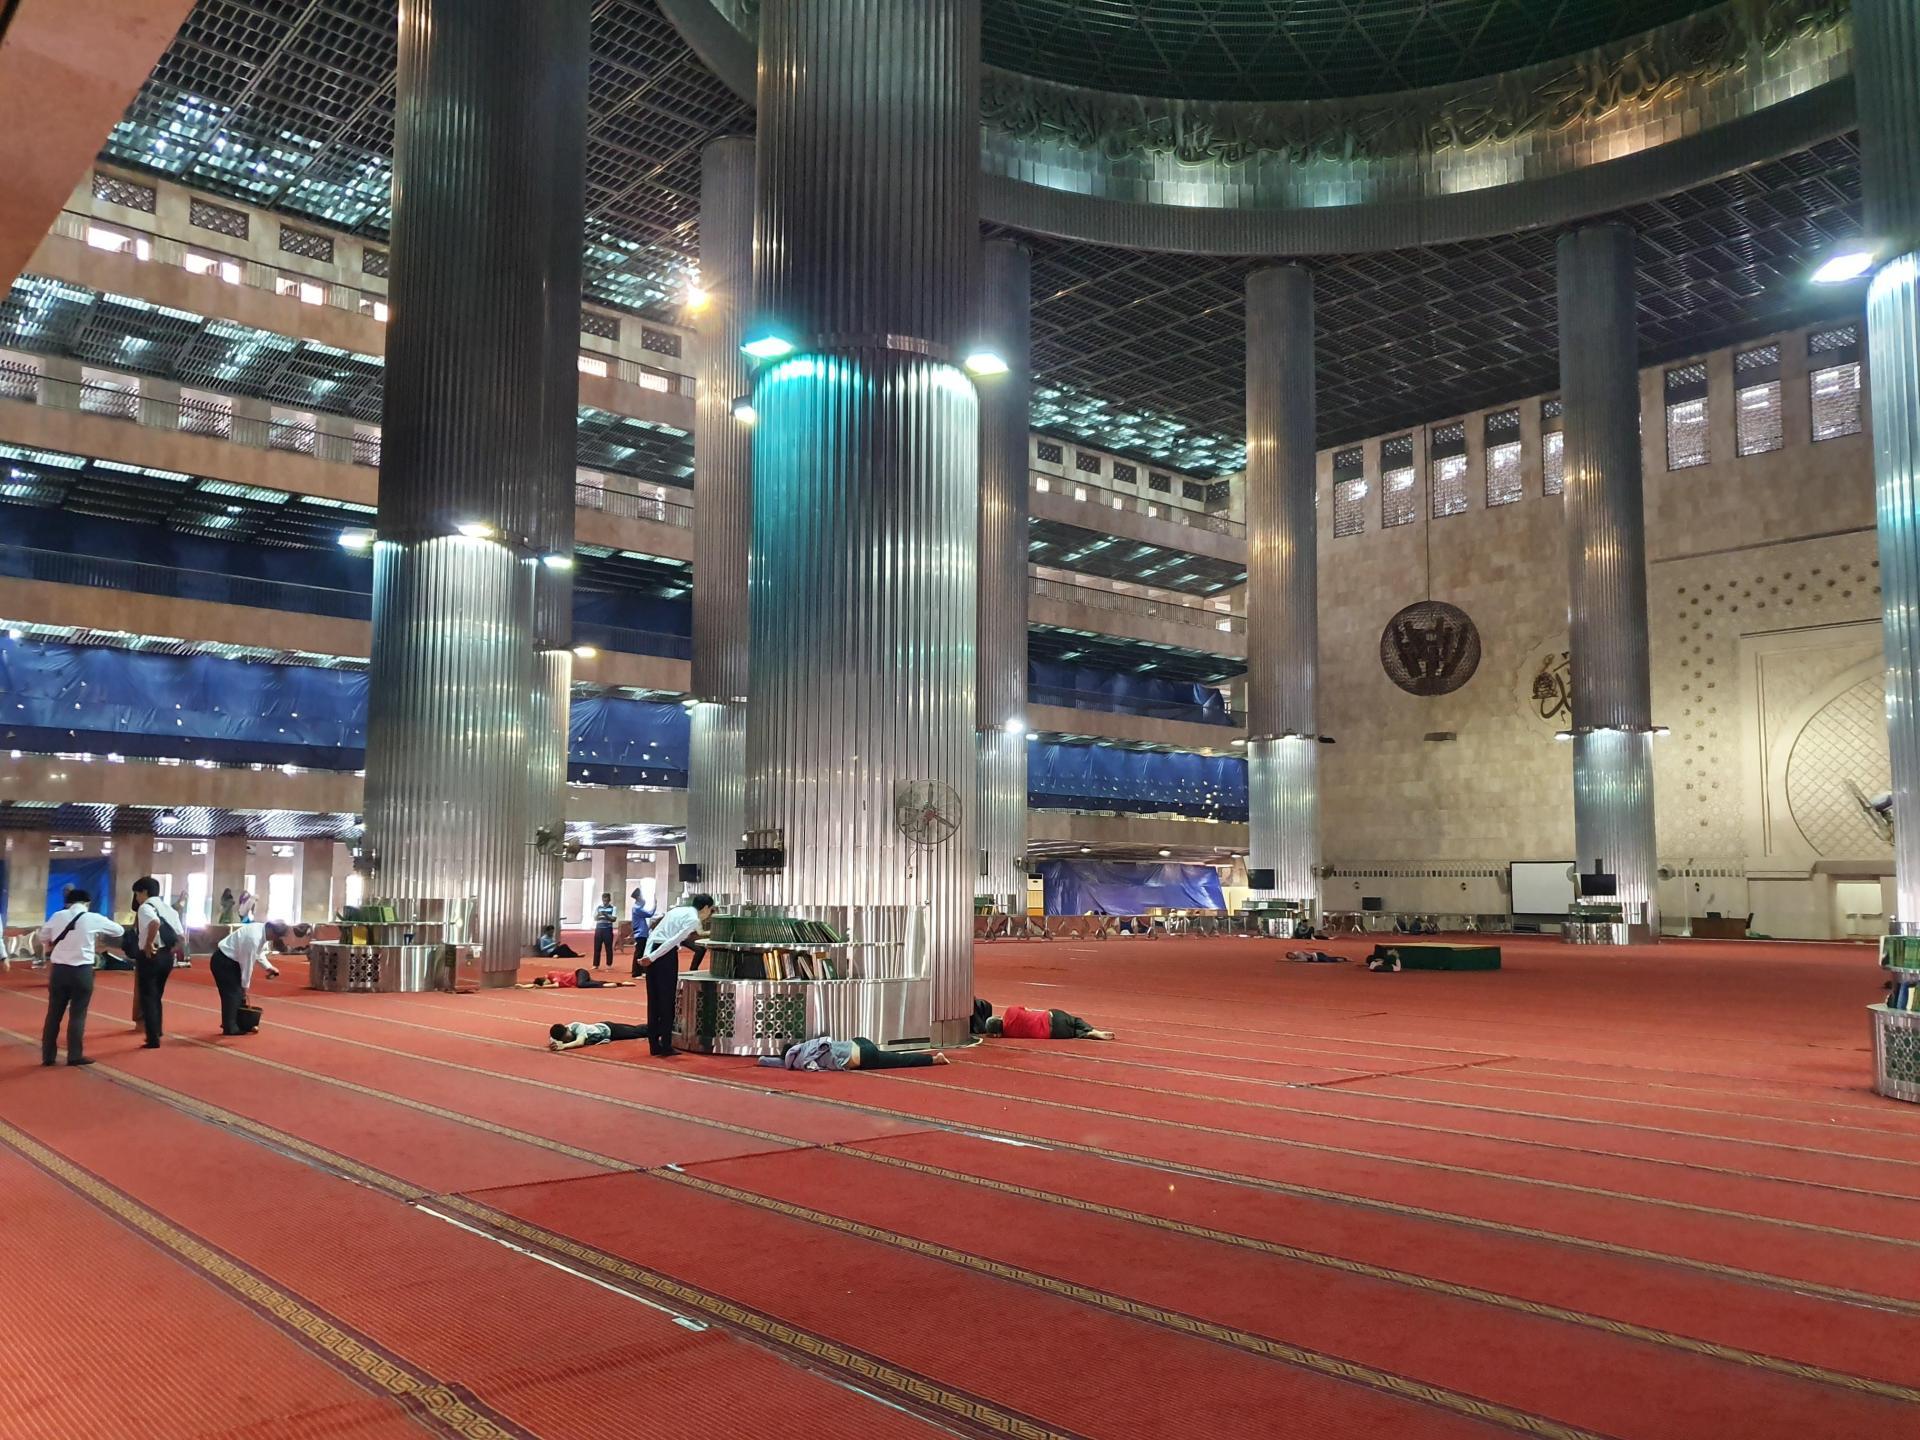 молельный зал мечети Истикляль, Джакарта